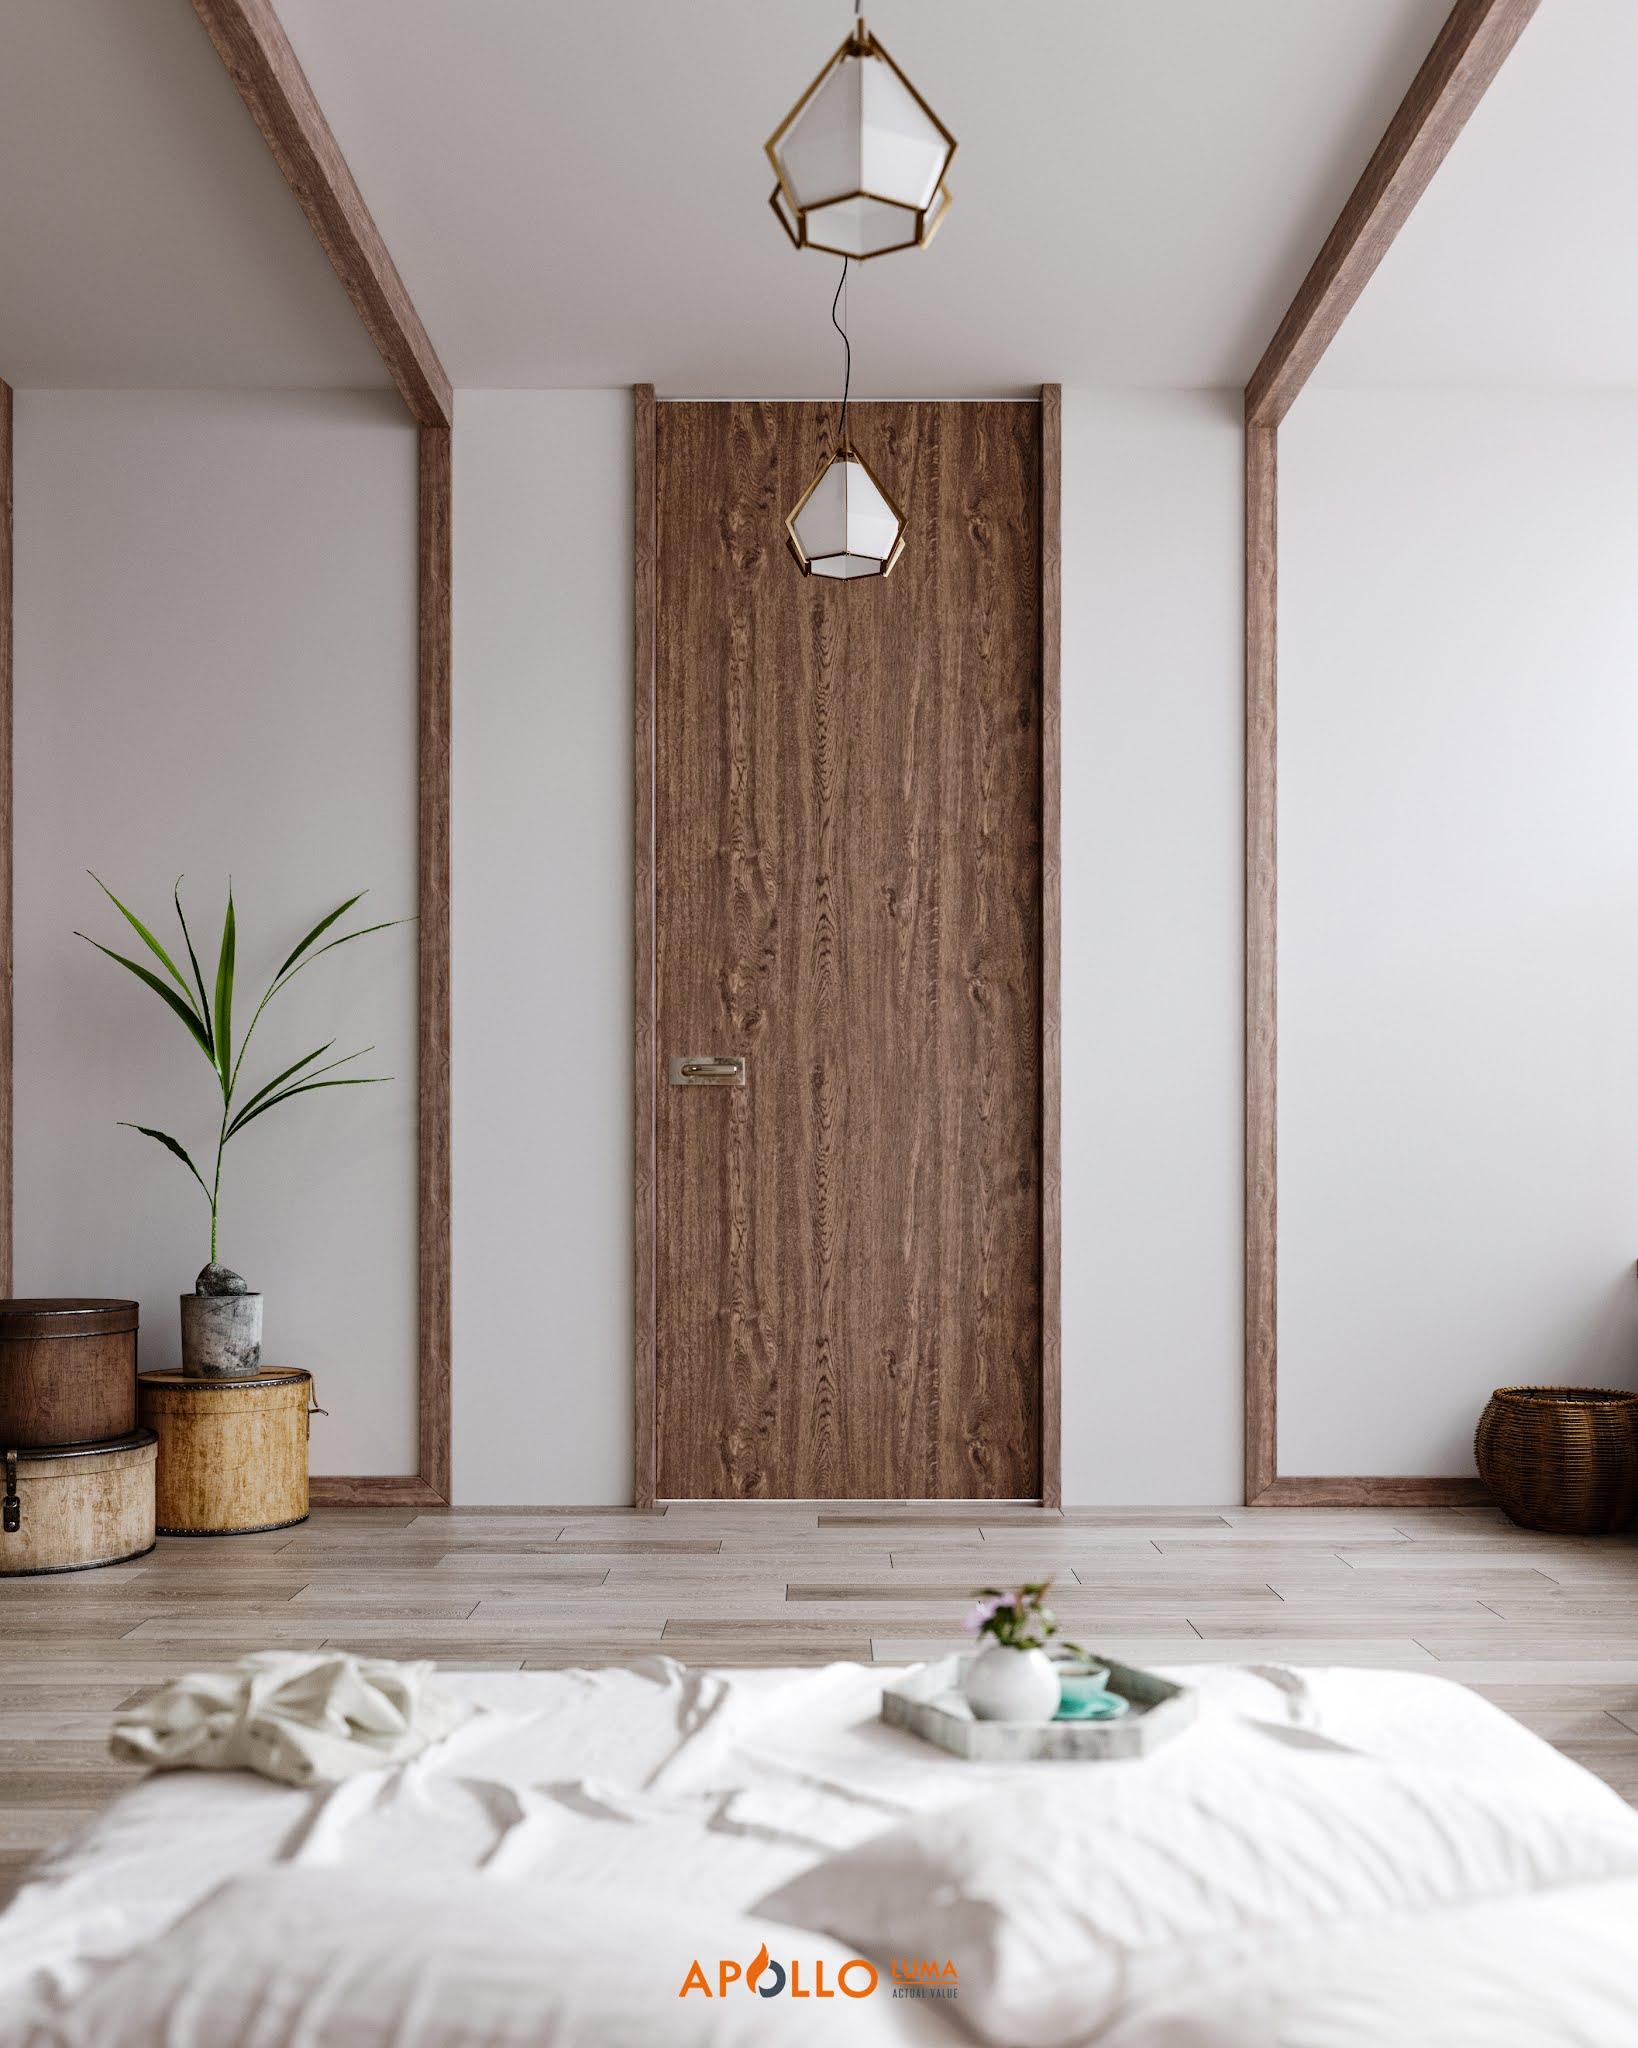 Phong cách nội thất Nhật Bản (Japan)